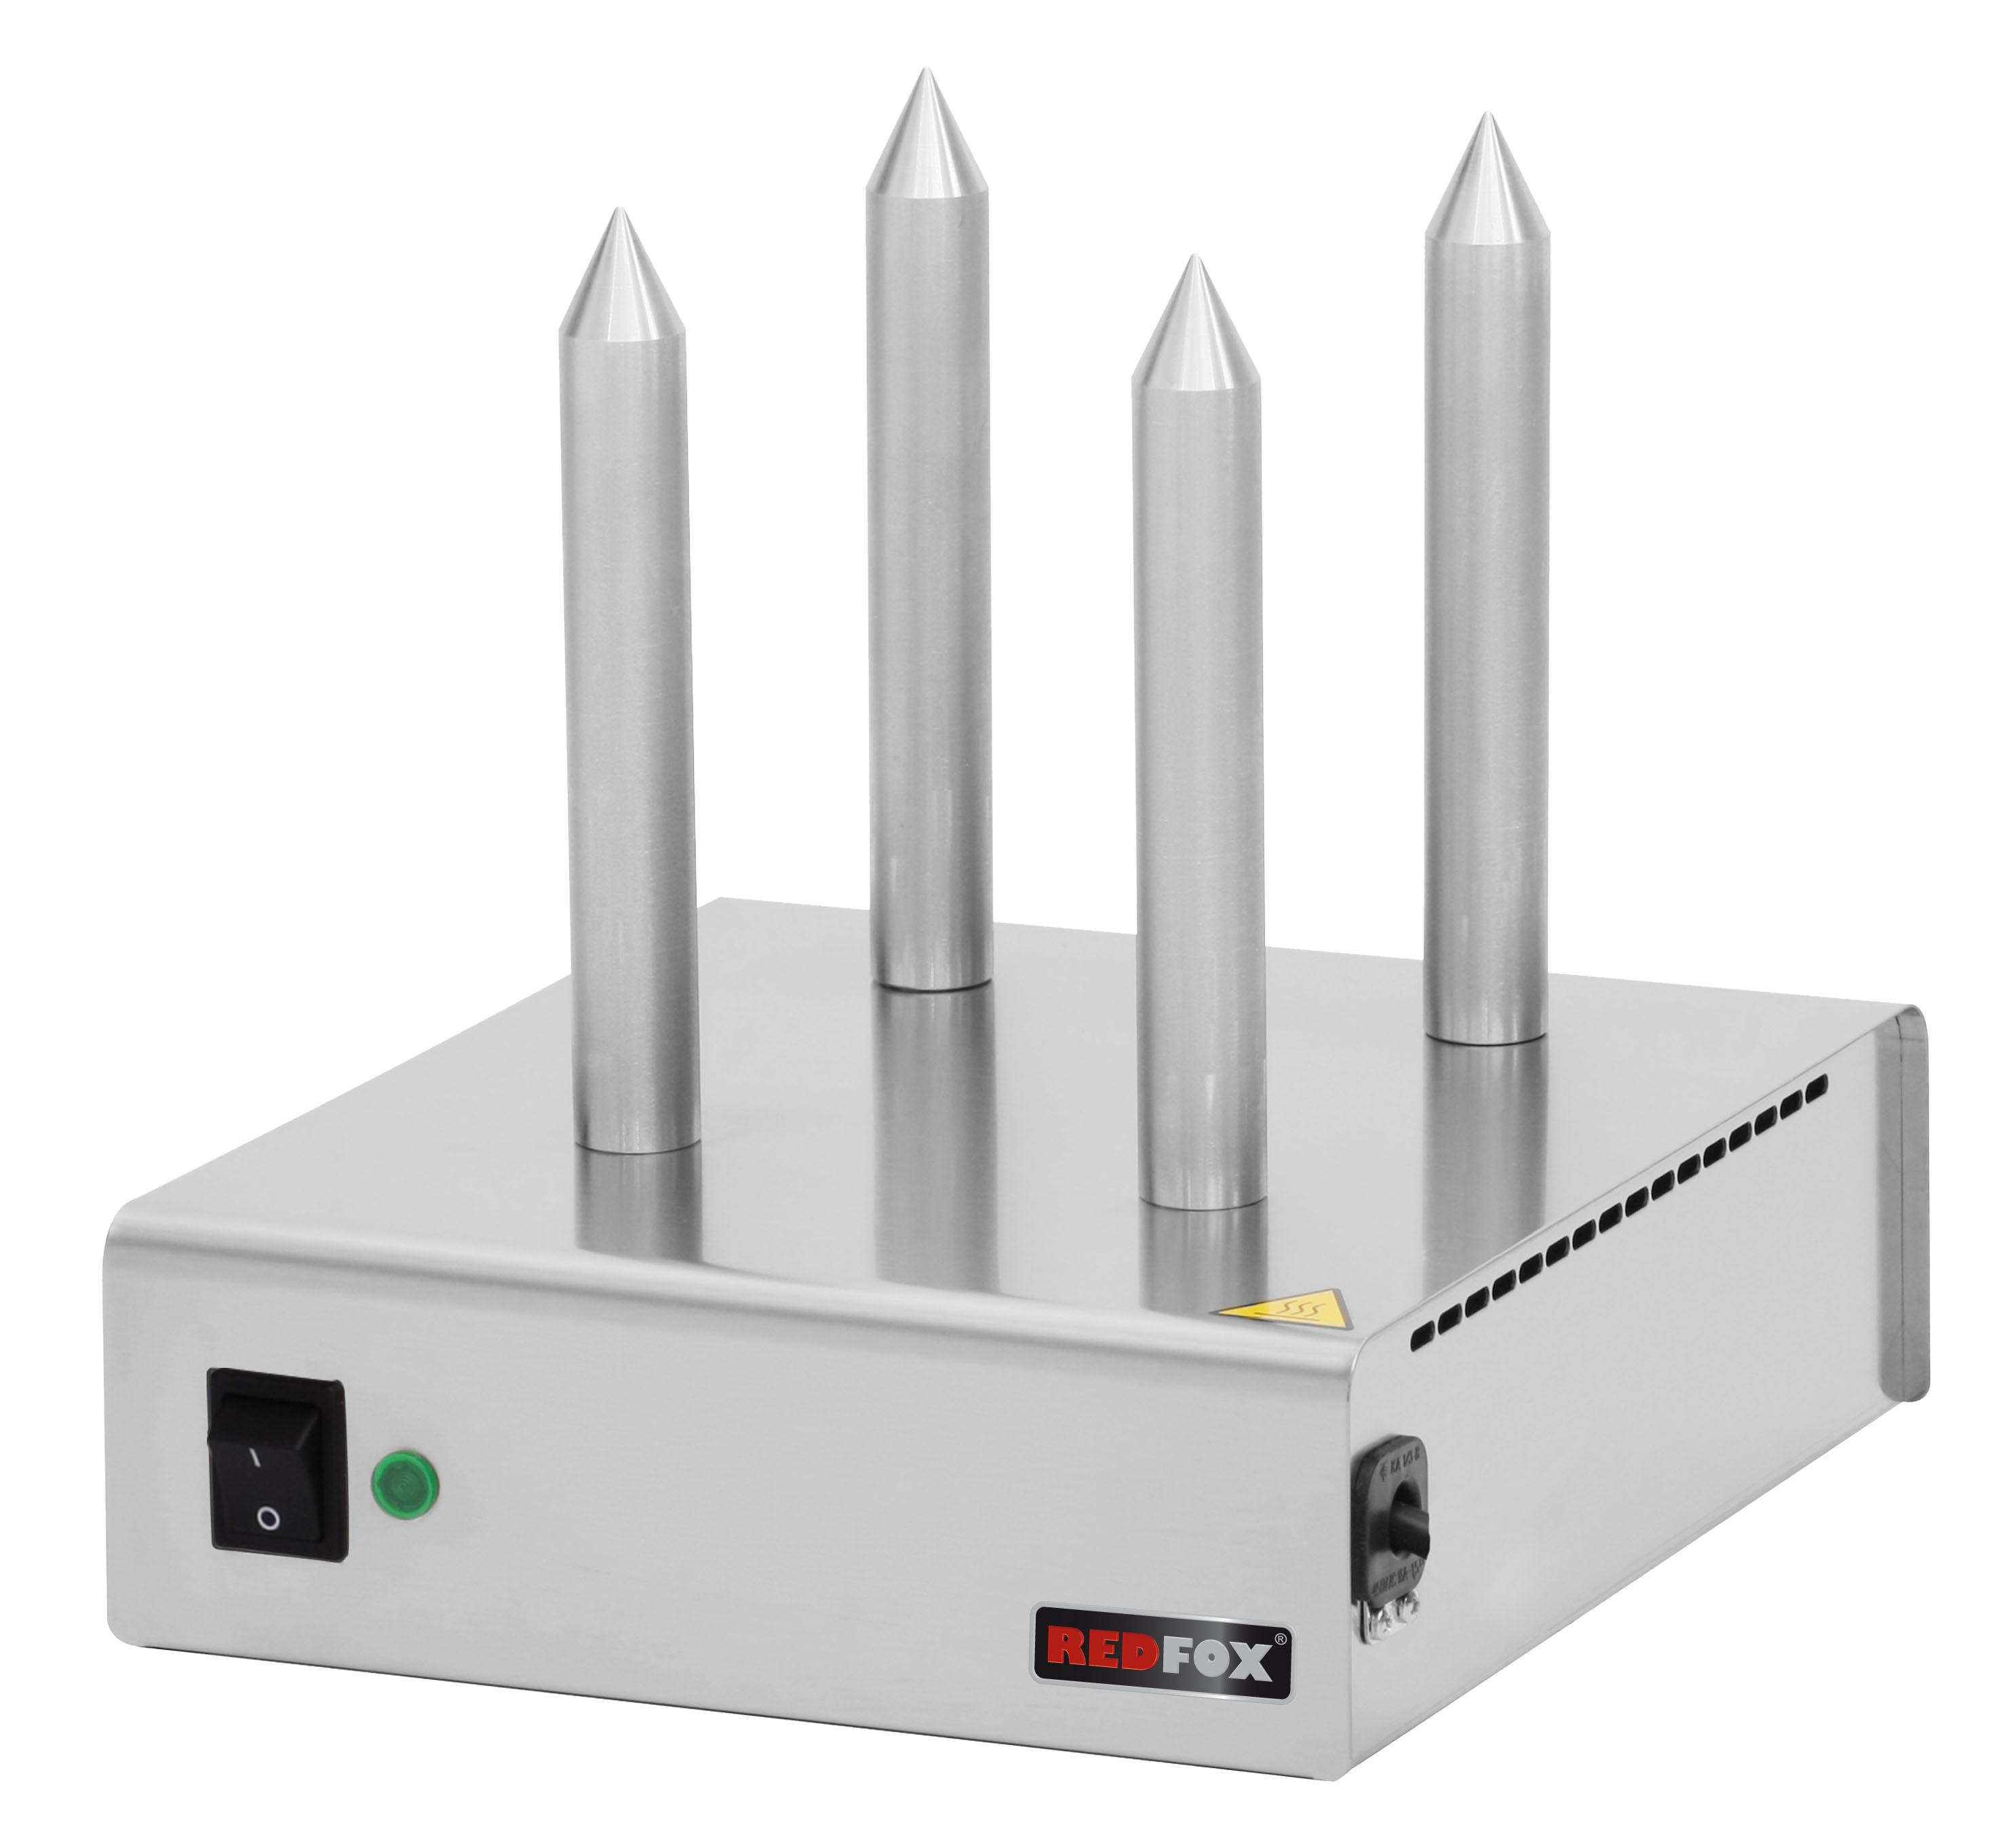 Hot-dog HD 04 4 trny RedFox ohřívač rohlíků